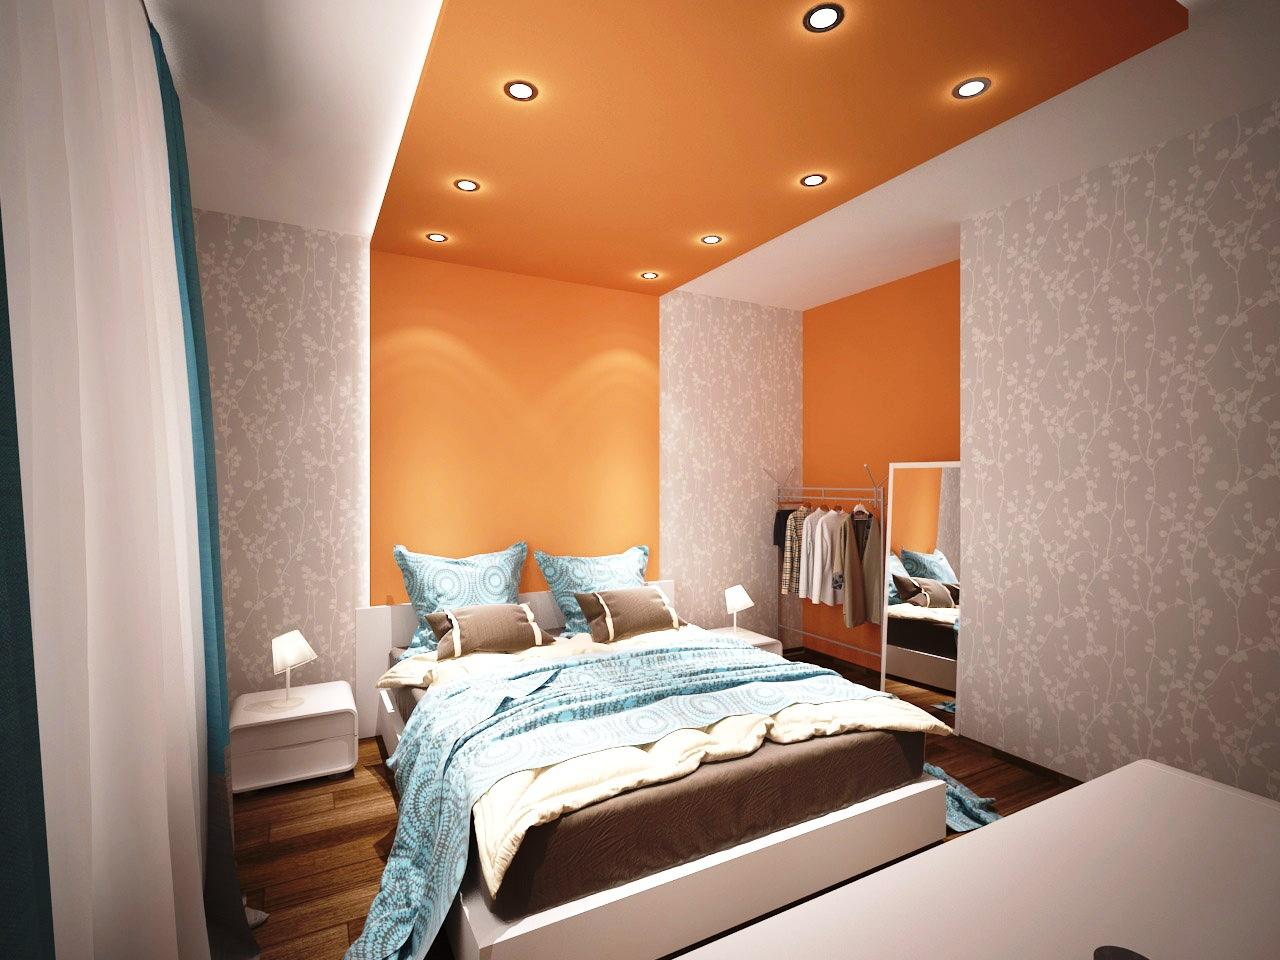 Бело-оранжевый потолок в спальне